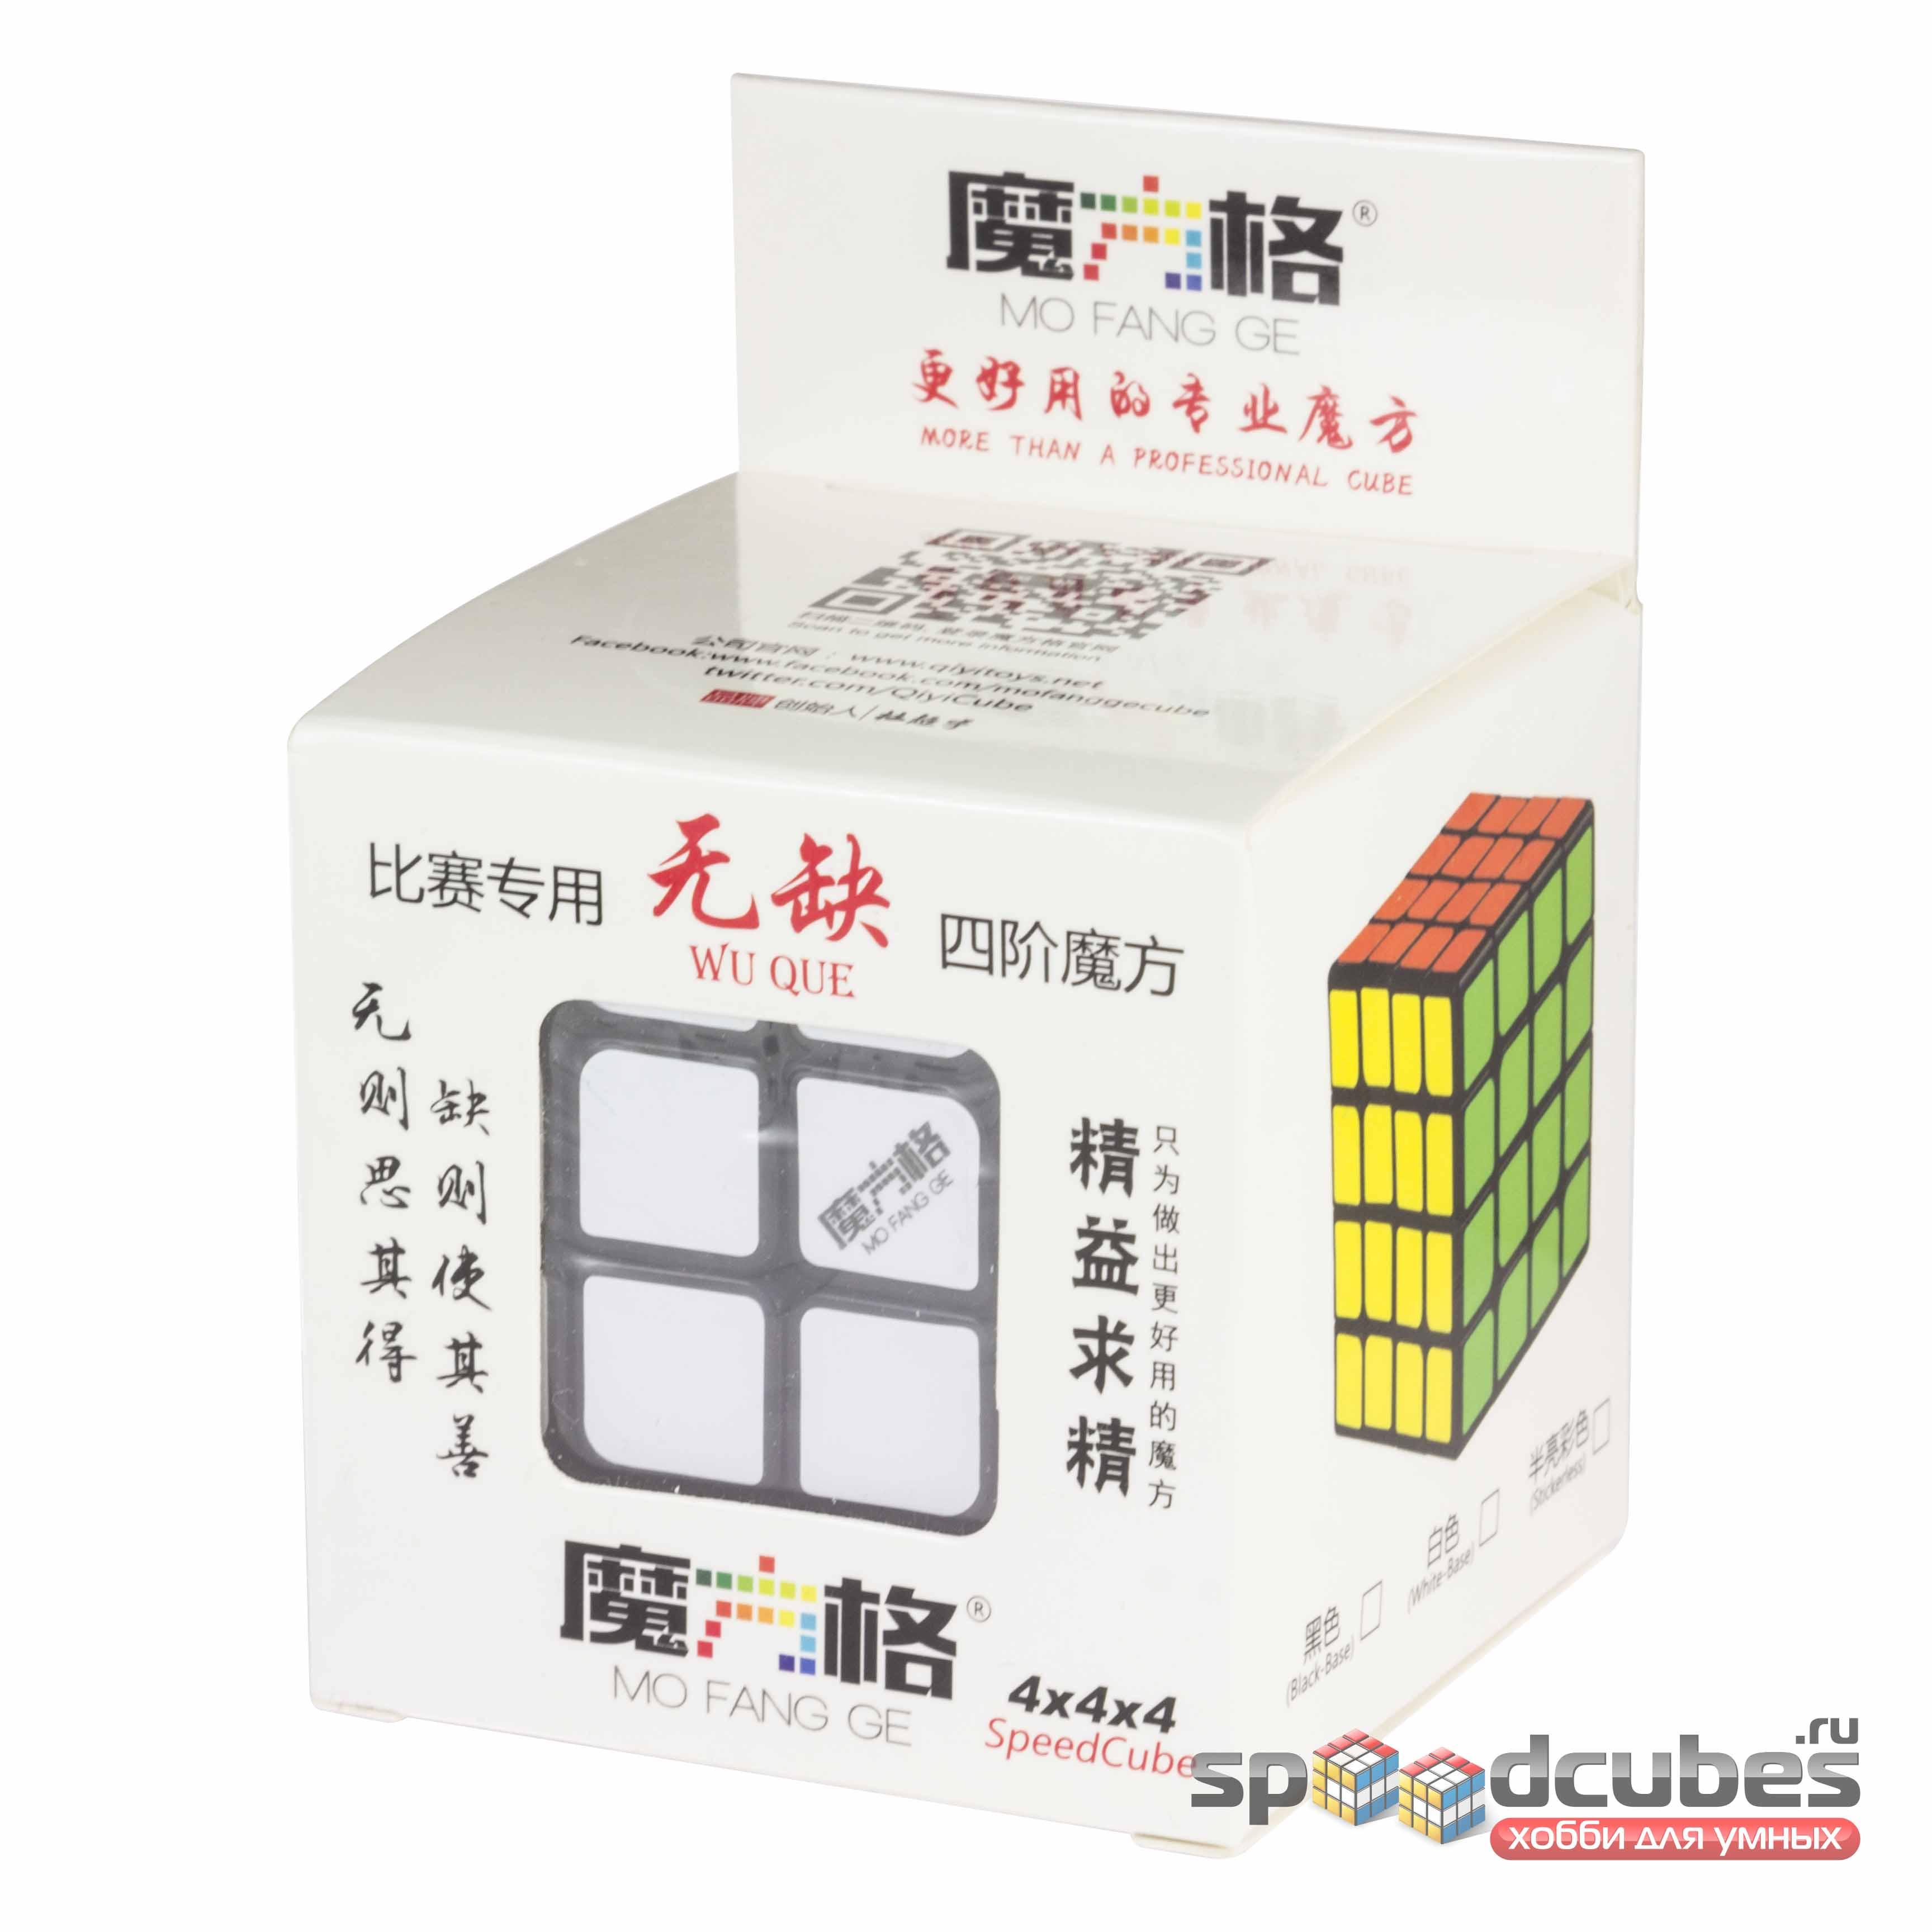 QiYi (MoFangGe) 4x4x4 WuQue 1